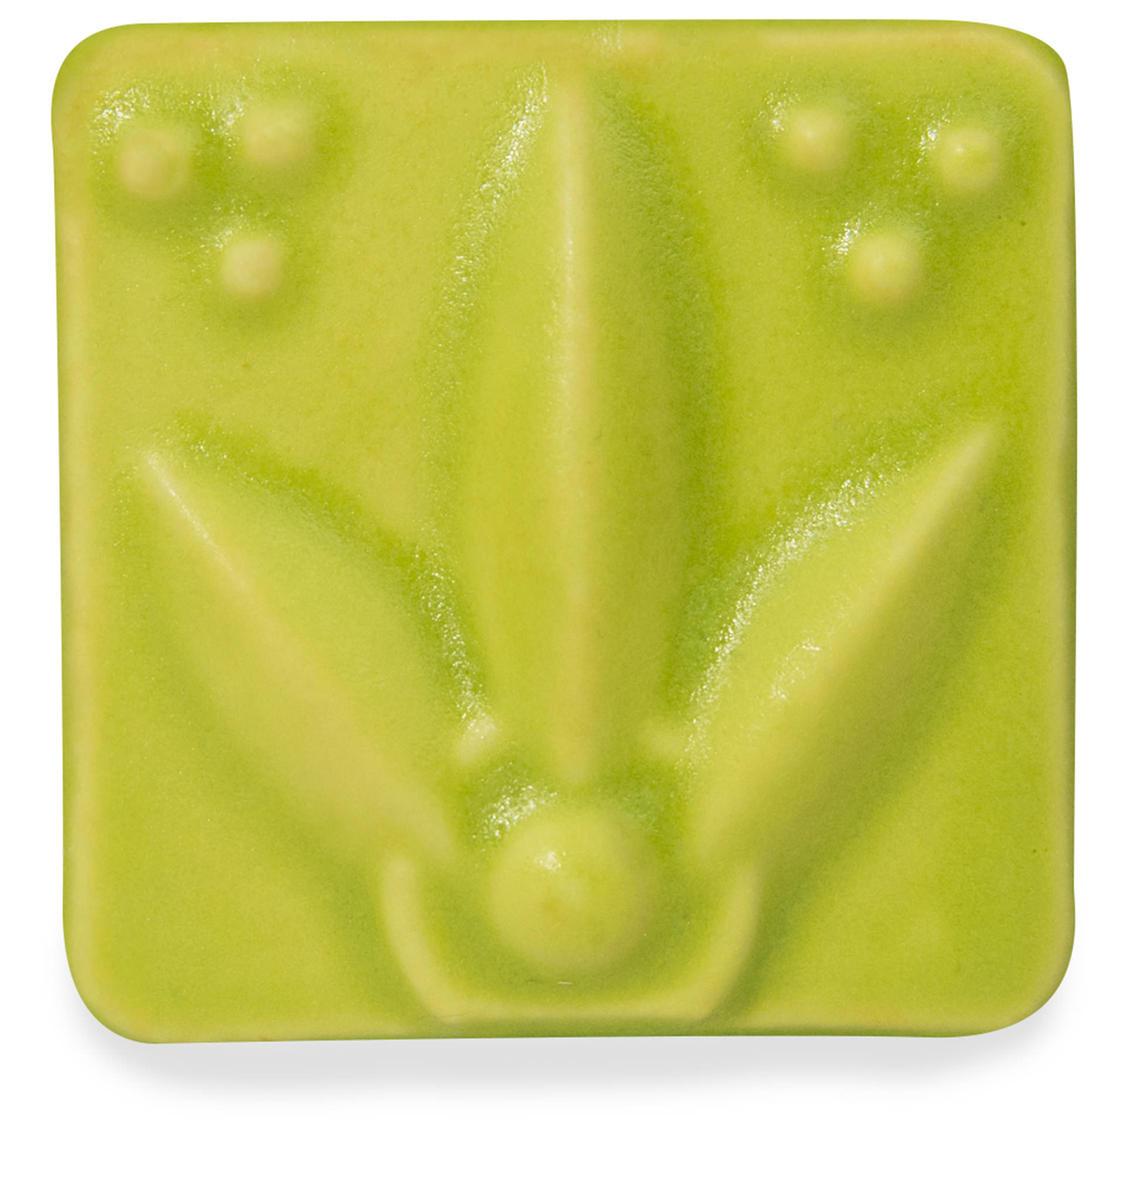 venta de esmalte para cerámica amaco satin matte SM-44 chartreuse alta temperatura